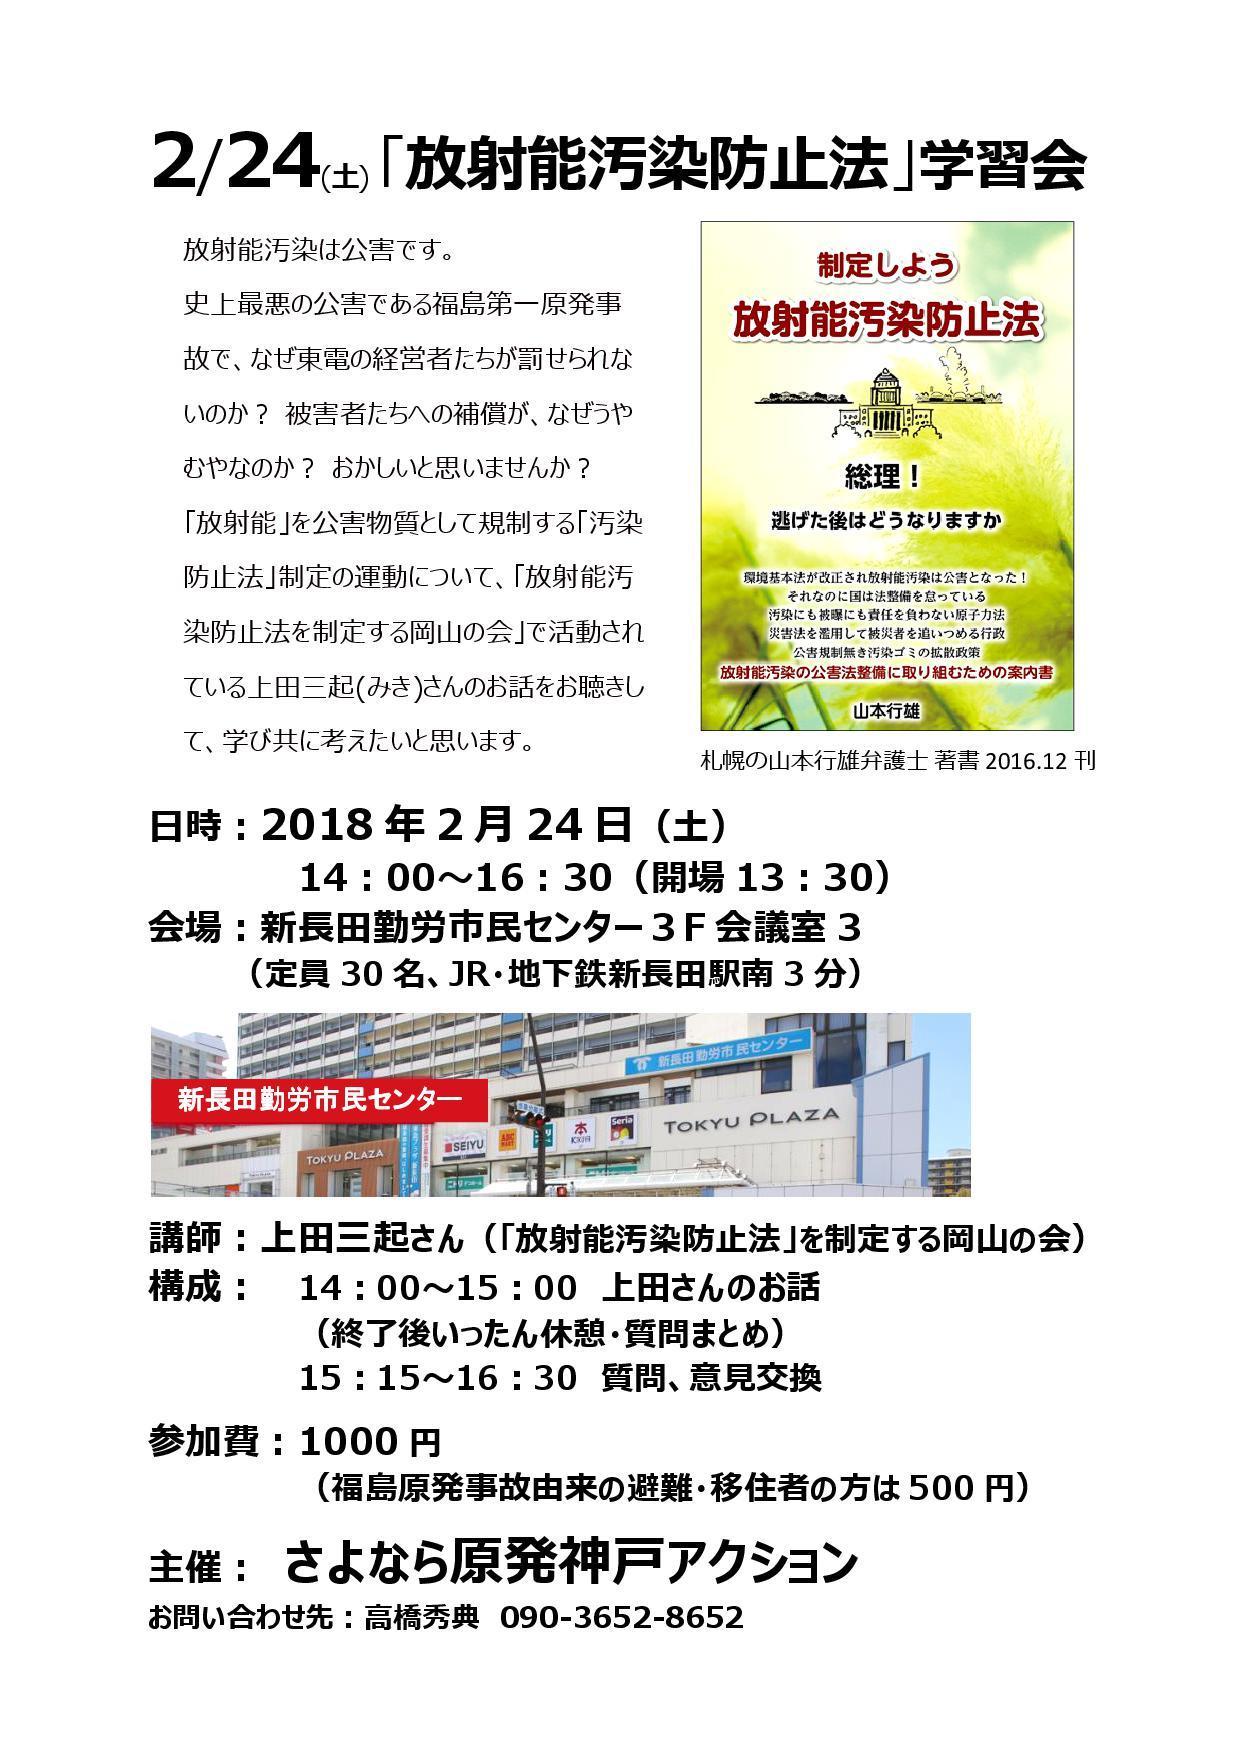 20180224_boushihou_flyer_p1.jpg